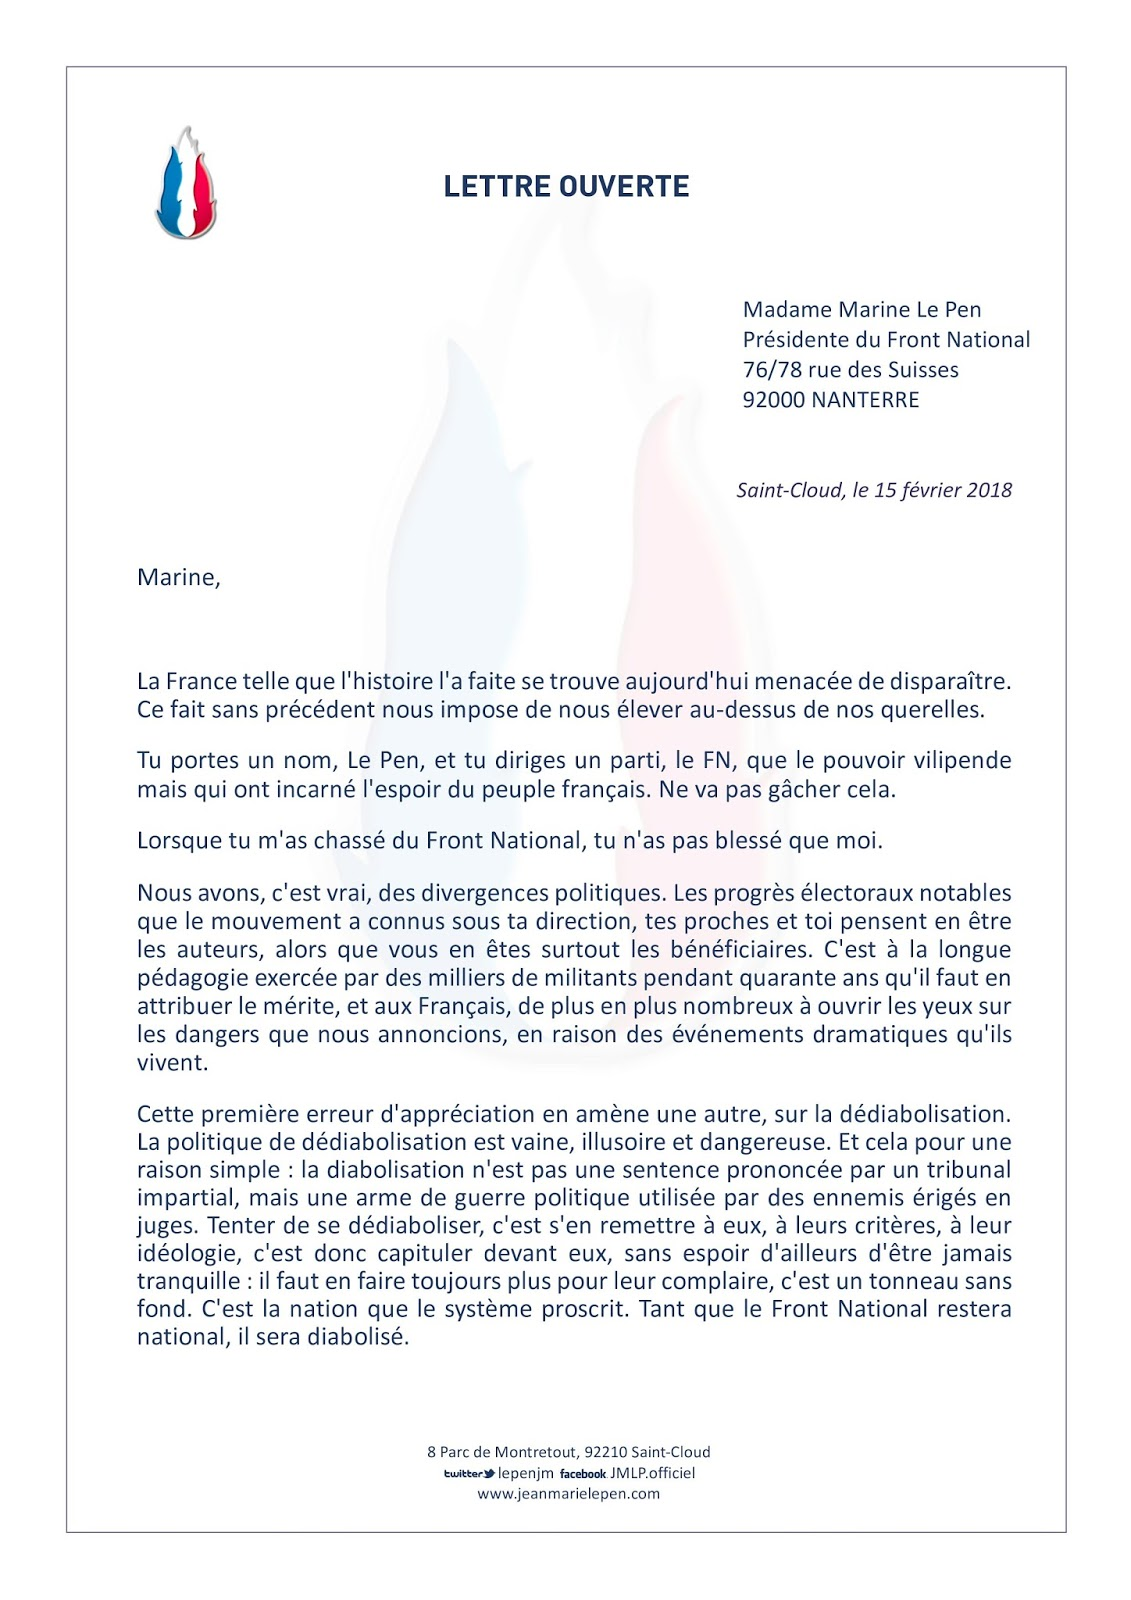 lettre ouverte Jean Marie LE PEN   Site Officiel: Lettre ouverte à Marine Le Pen lettre ouverte